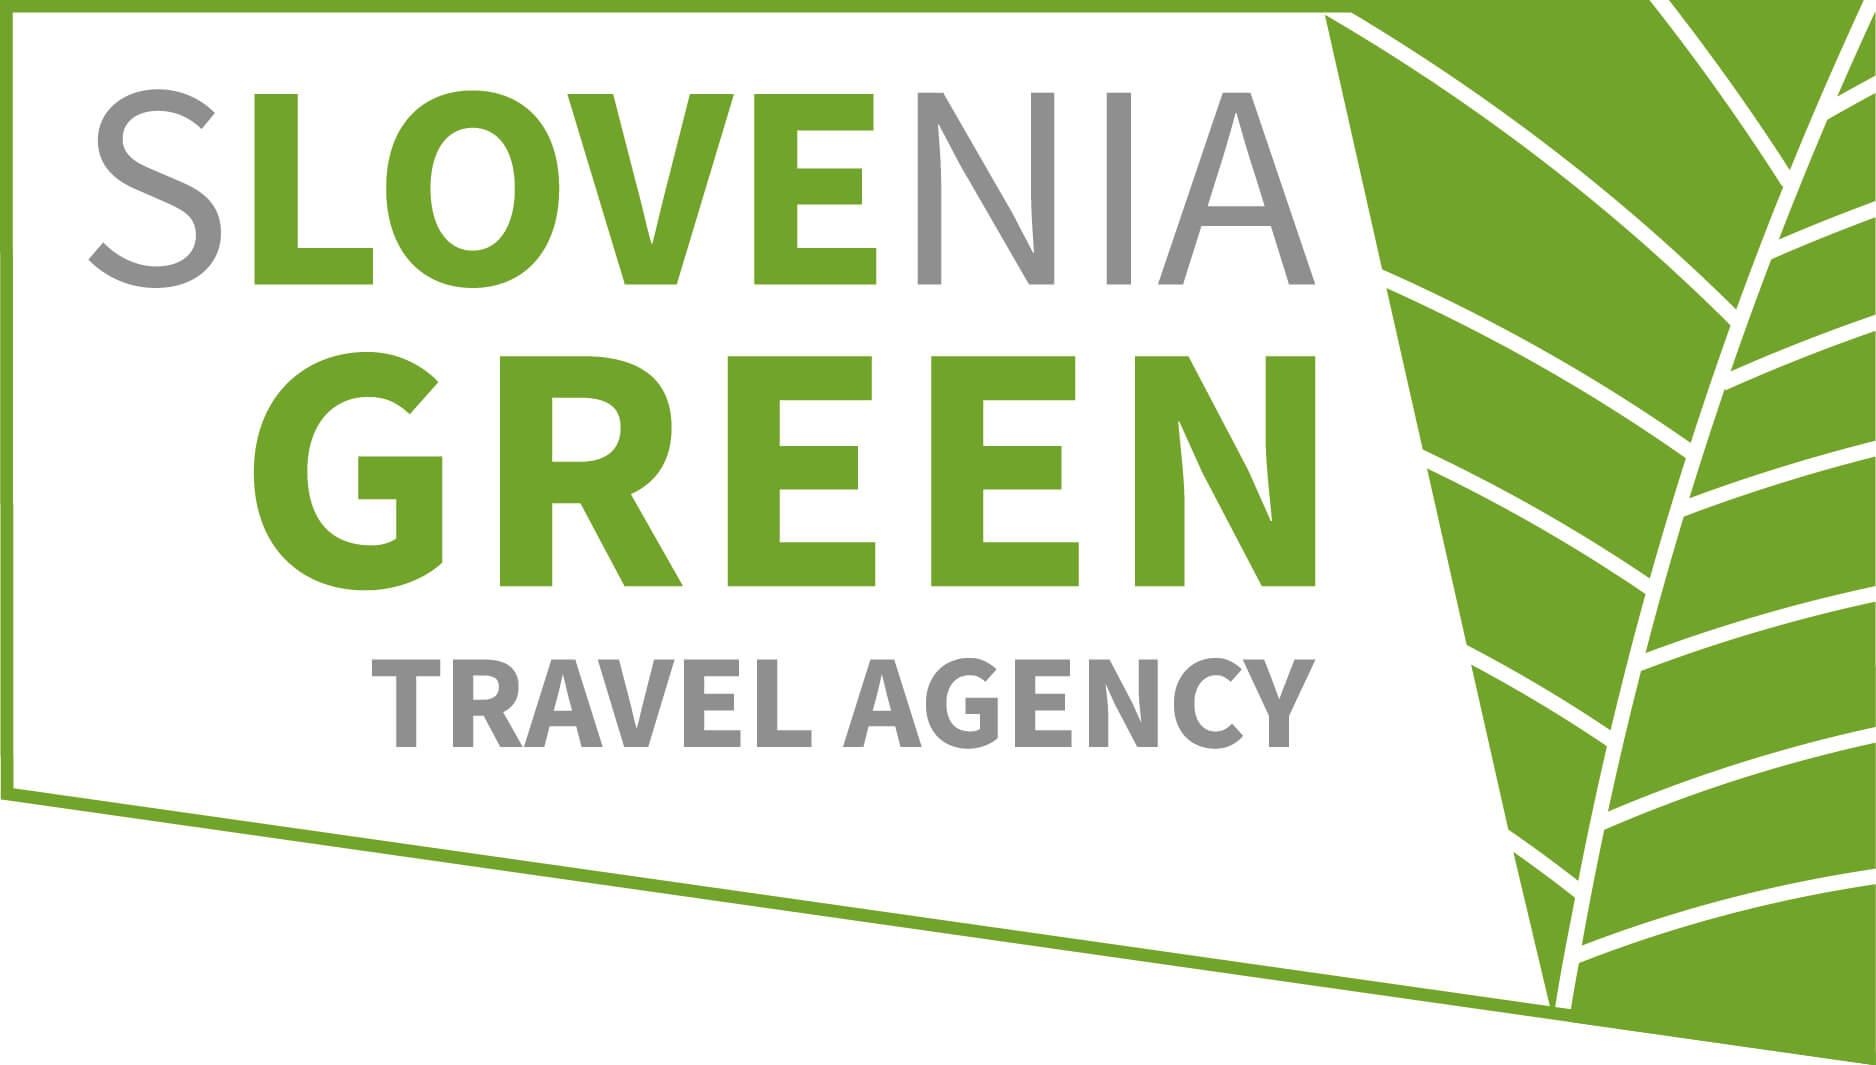 slovenia-green-agency